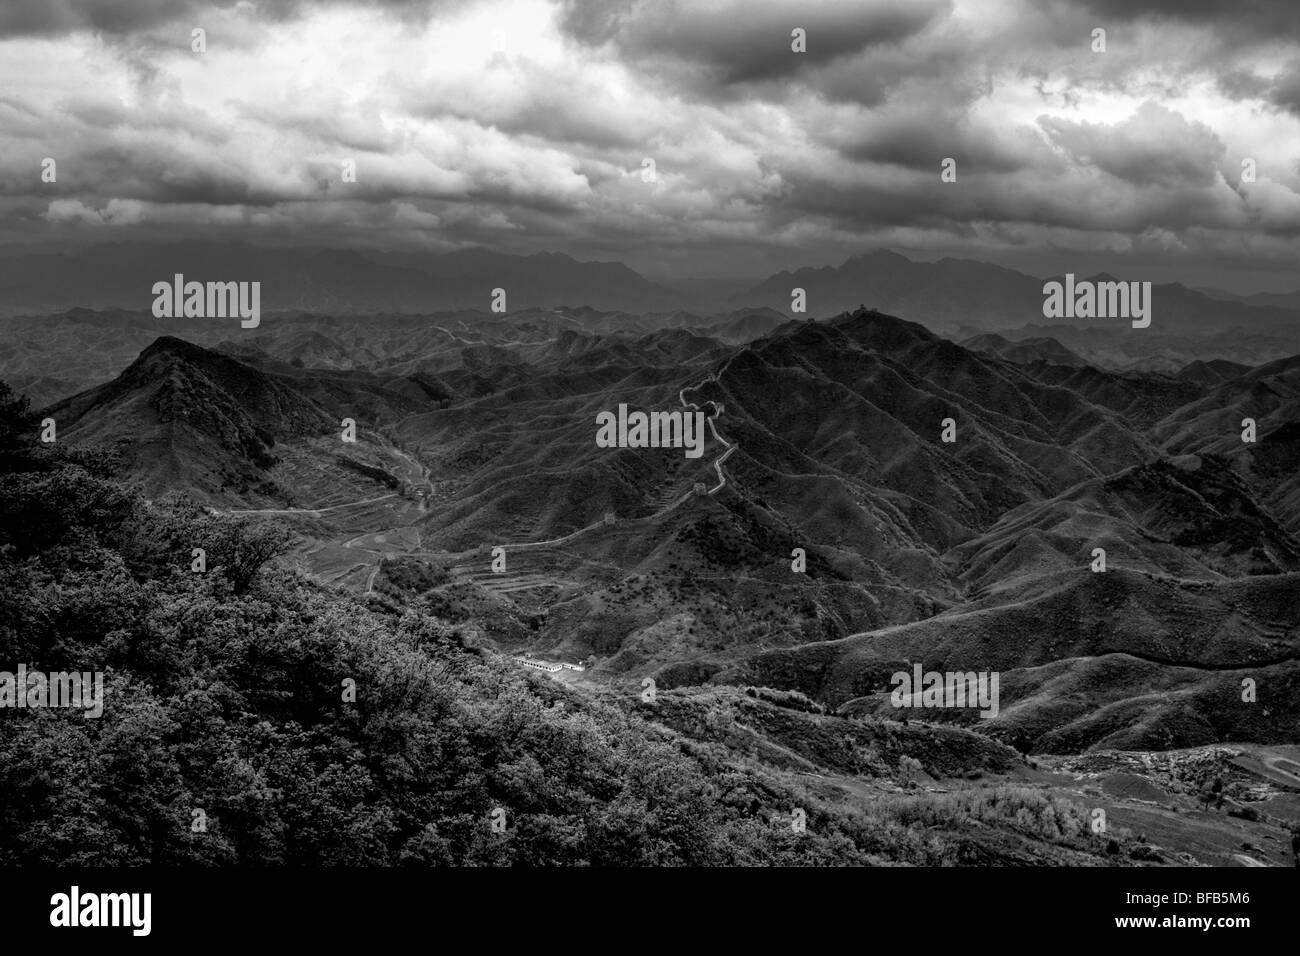 Vista de la Gran Muralla de China, en blanco y negro Imagen De Stock